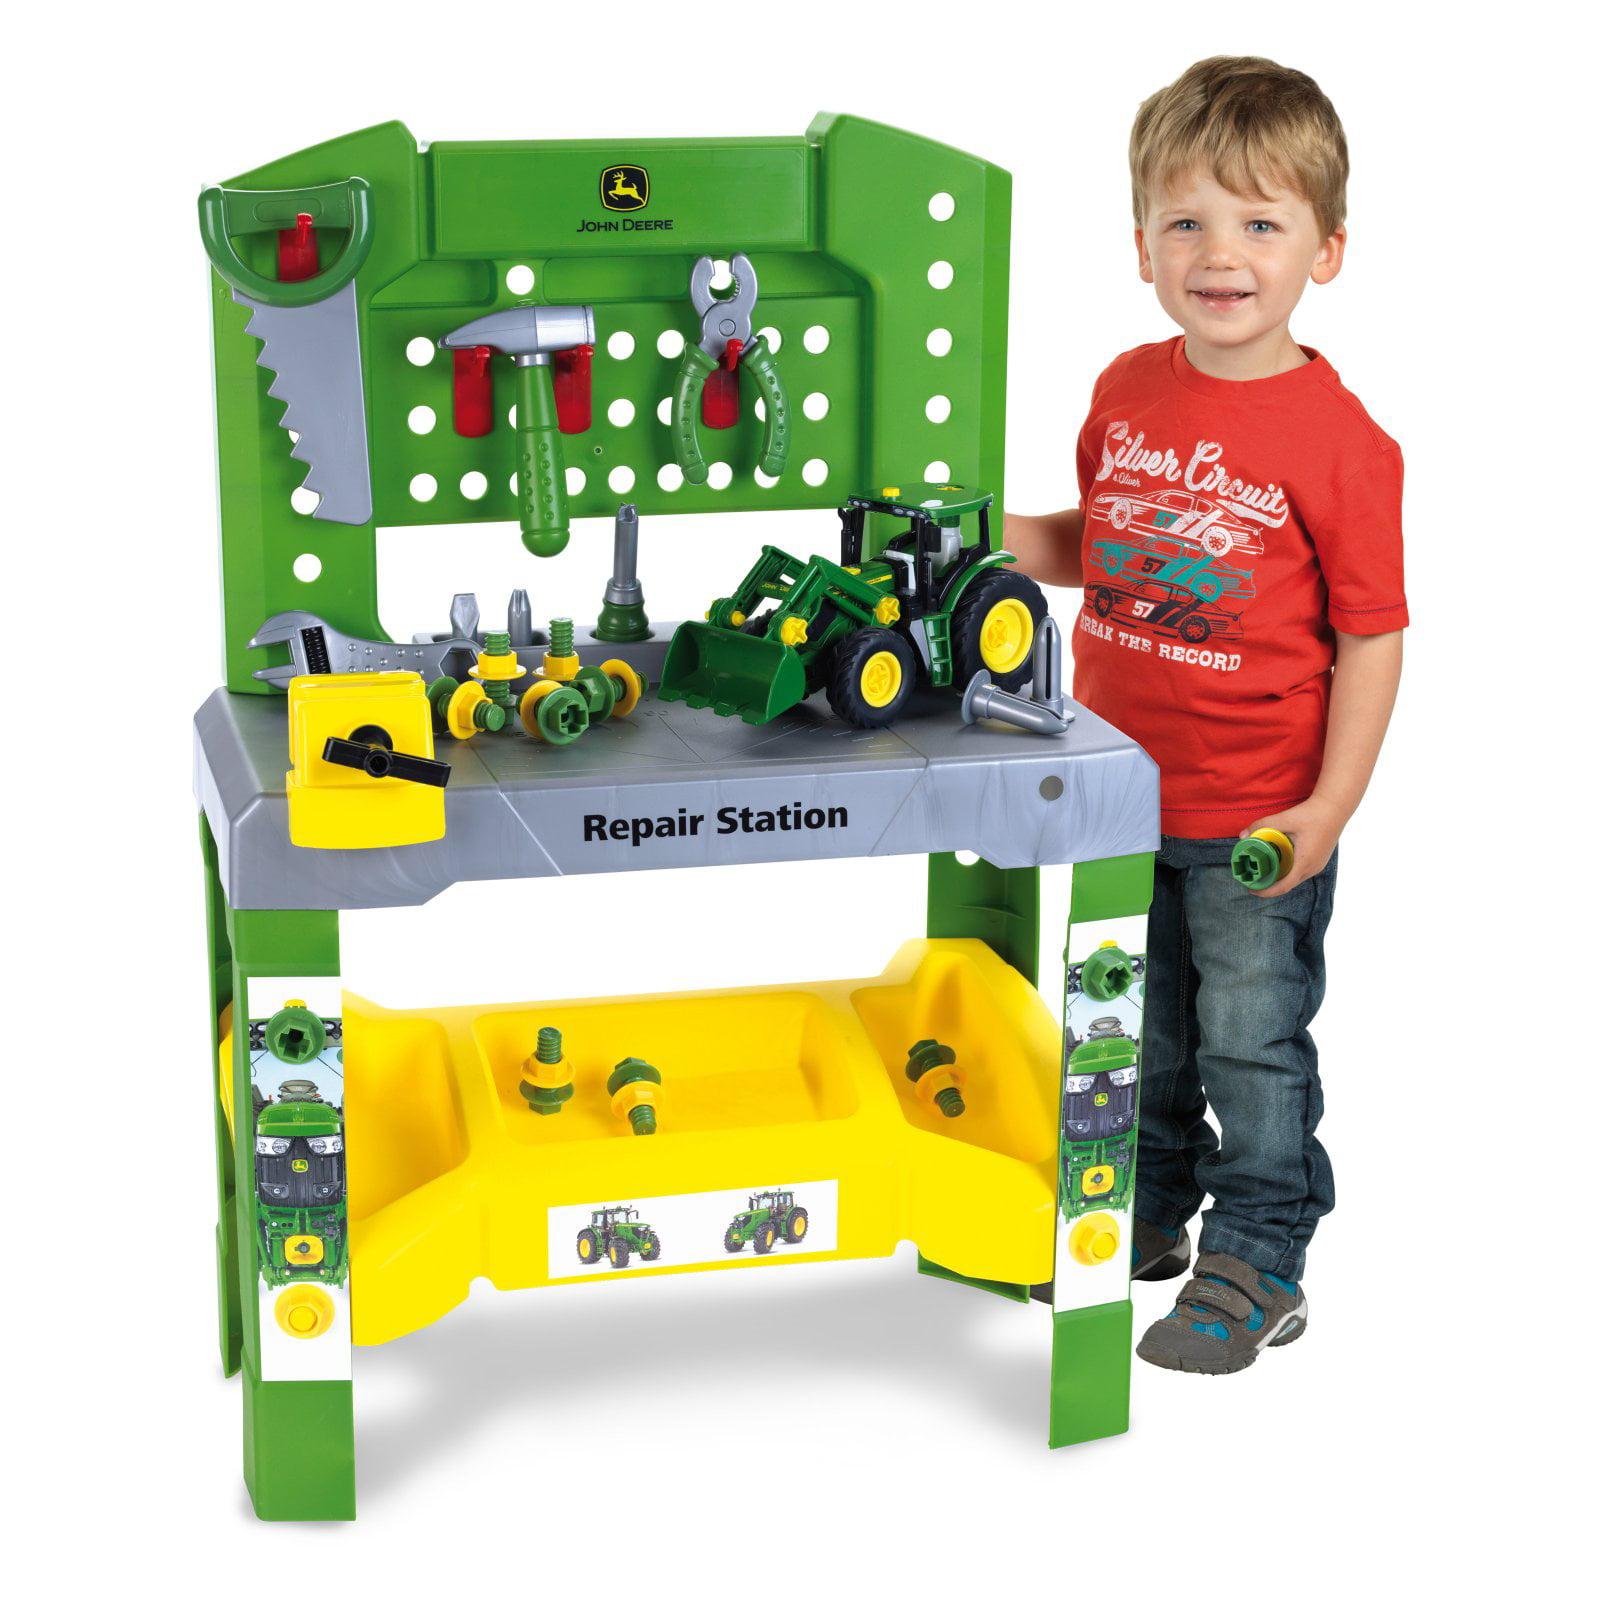 John Deere Play Repair Station by Theo klein